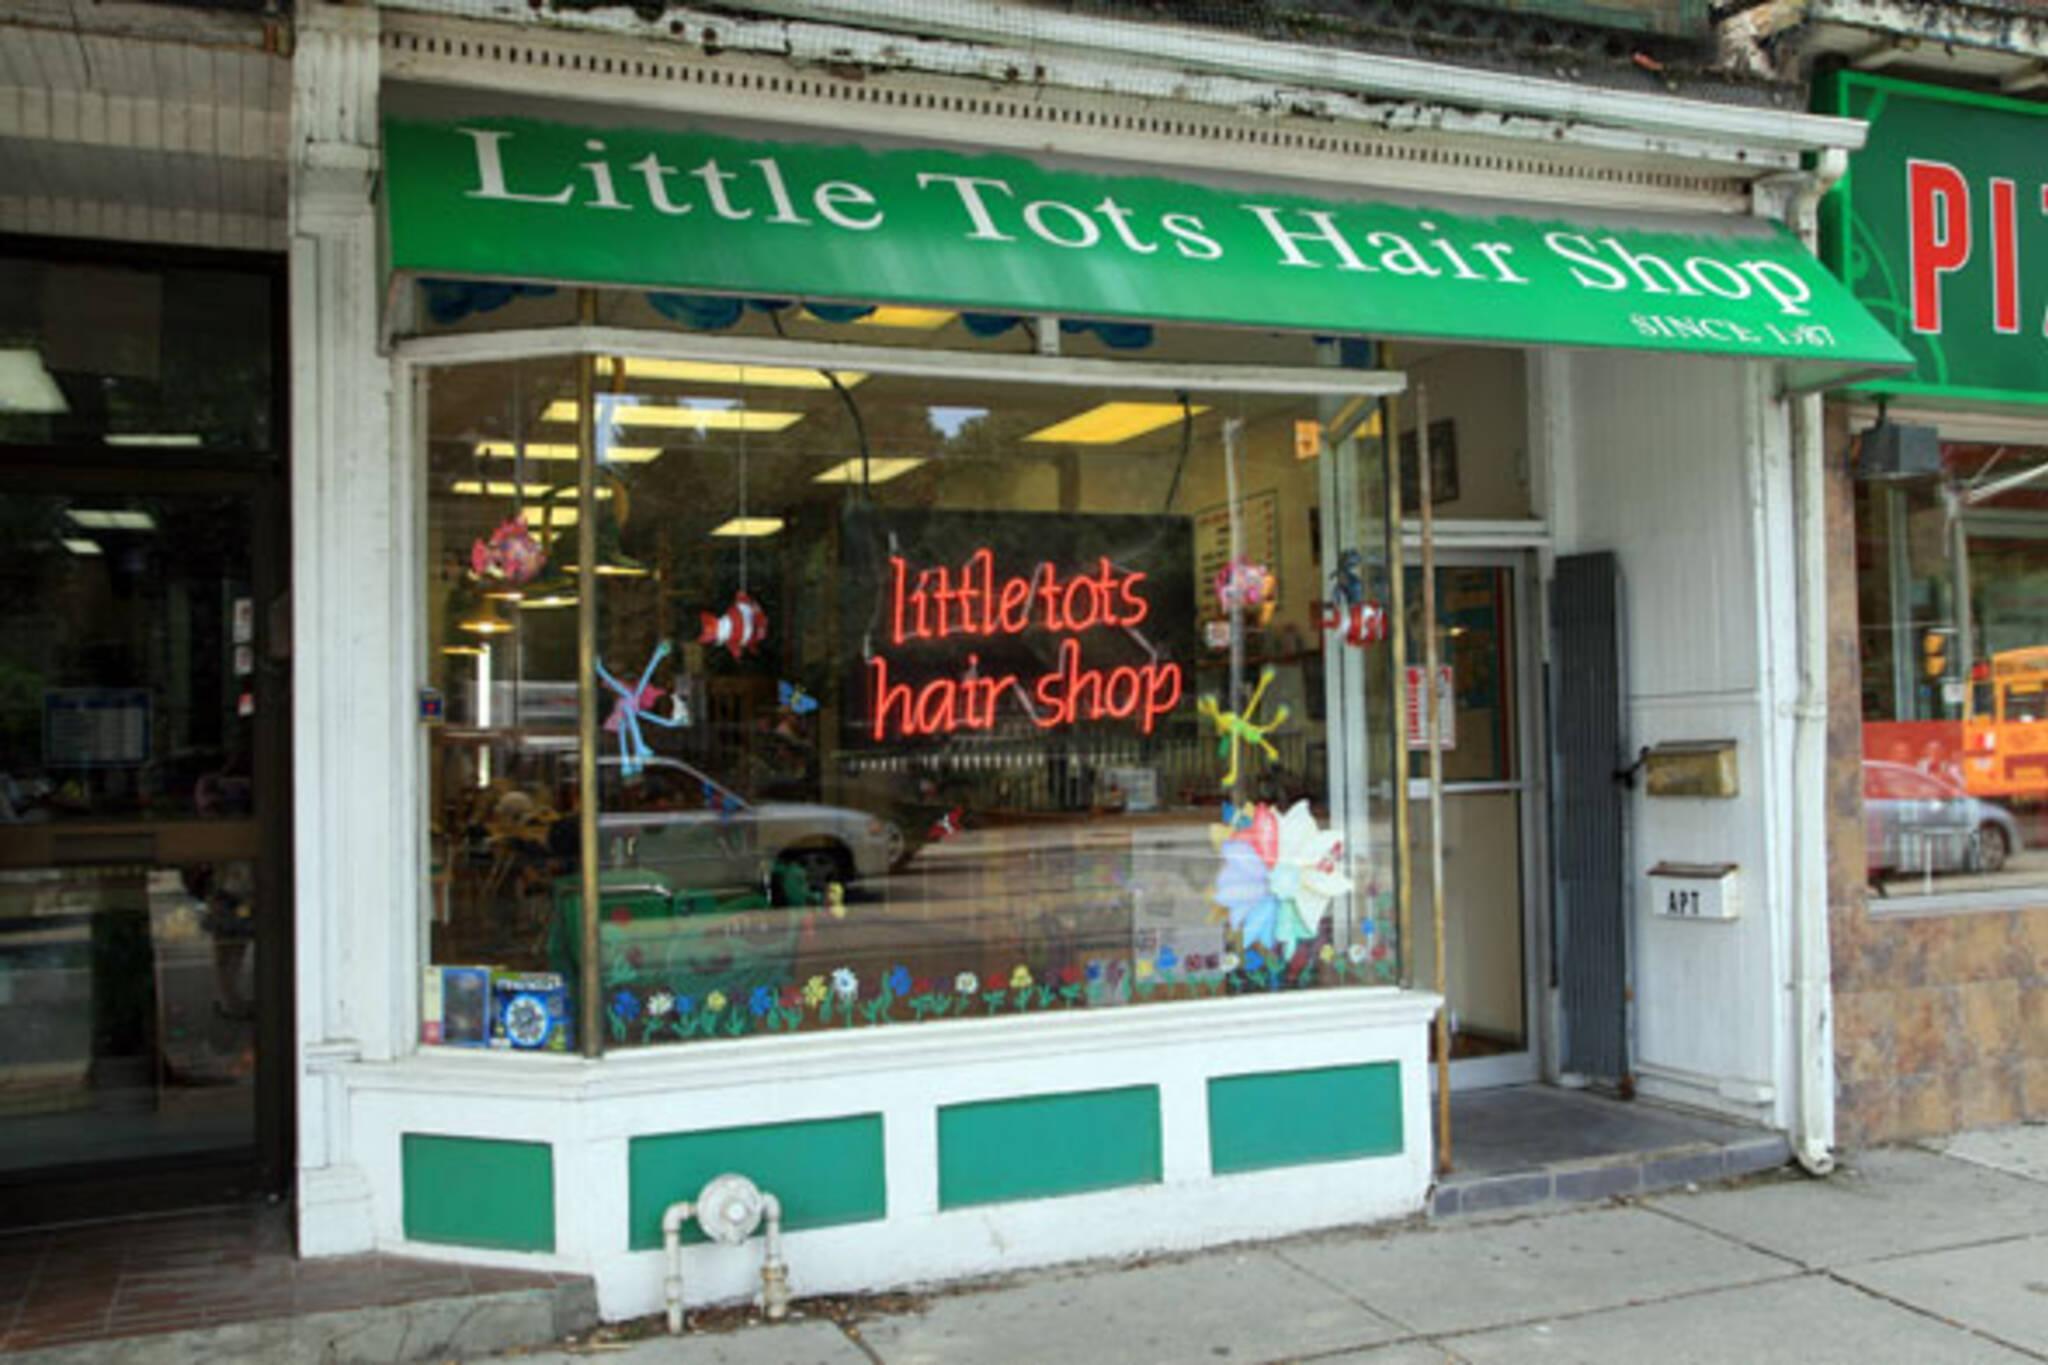 Little Tots Hair Shop